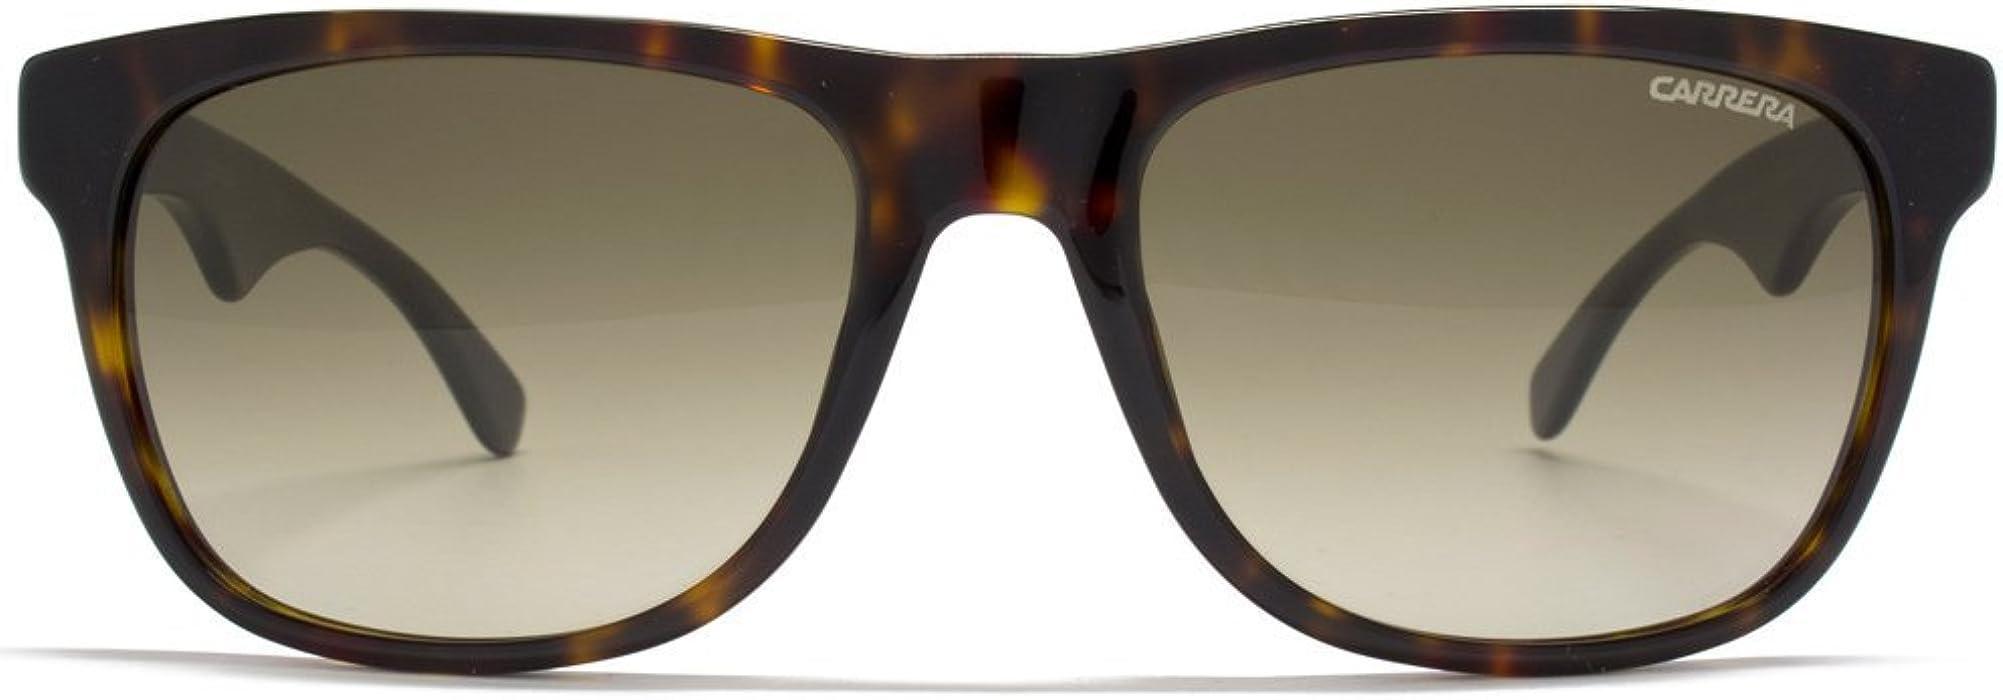 Y BlkAmazon Accesorios Havn Carrera 6003 esRopa Gafas De Sol Okn0wP8X